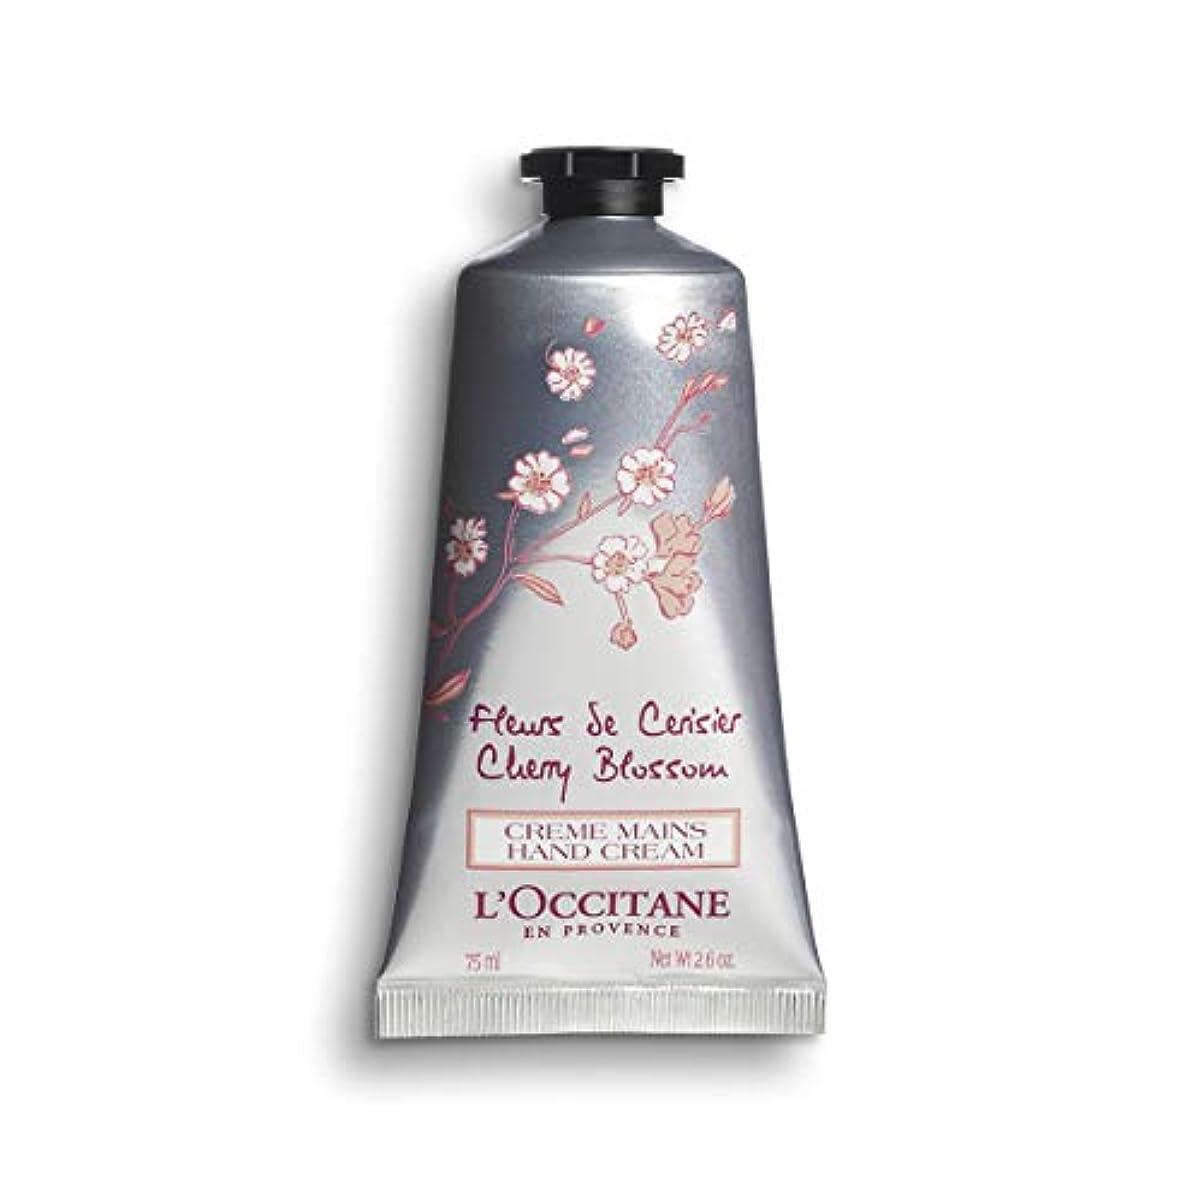 海洋の薬局海洋のロクシタン(L'OCCITANE) チェリーブロッサム ソフトハンドクリーム 75ml